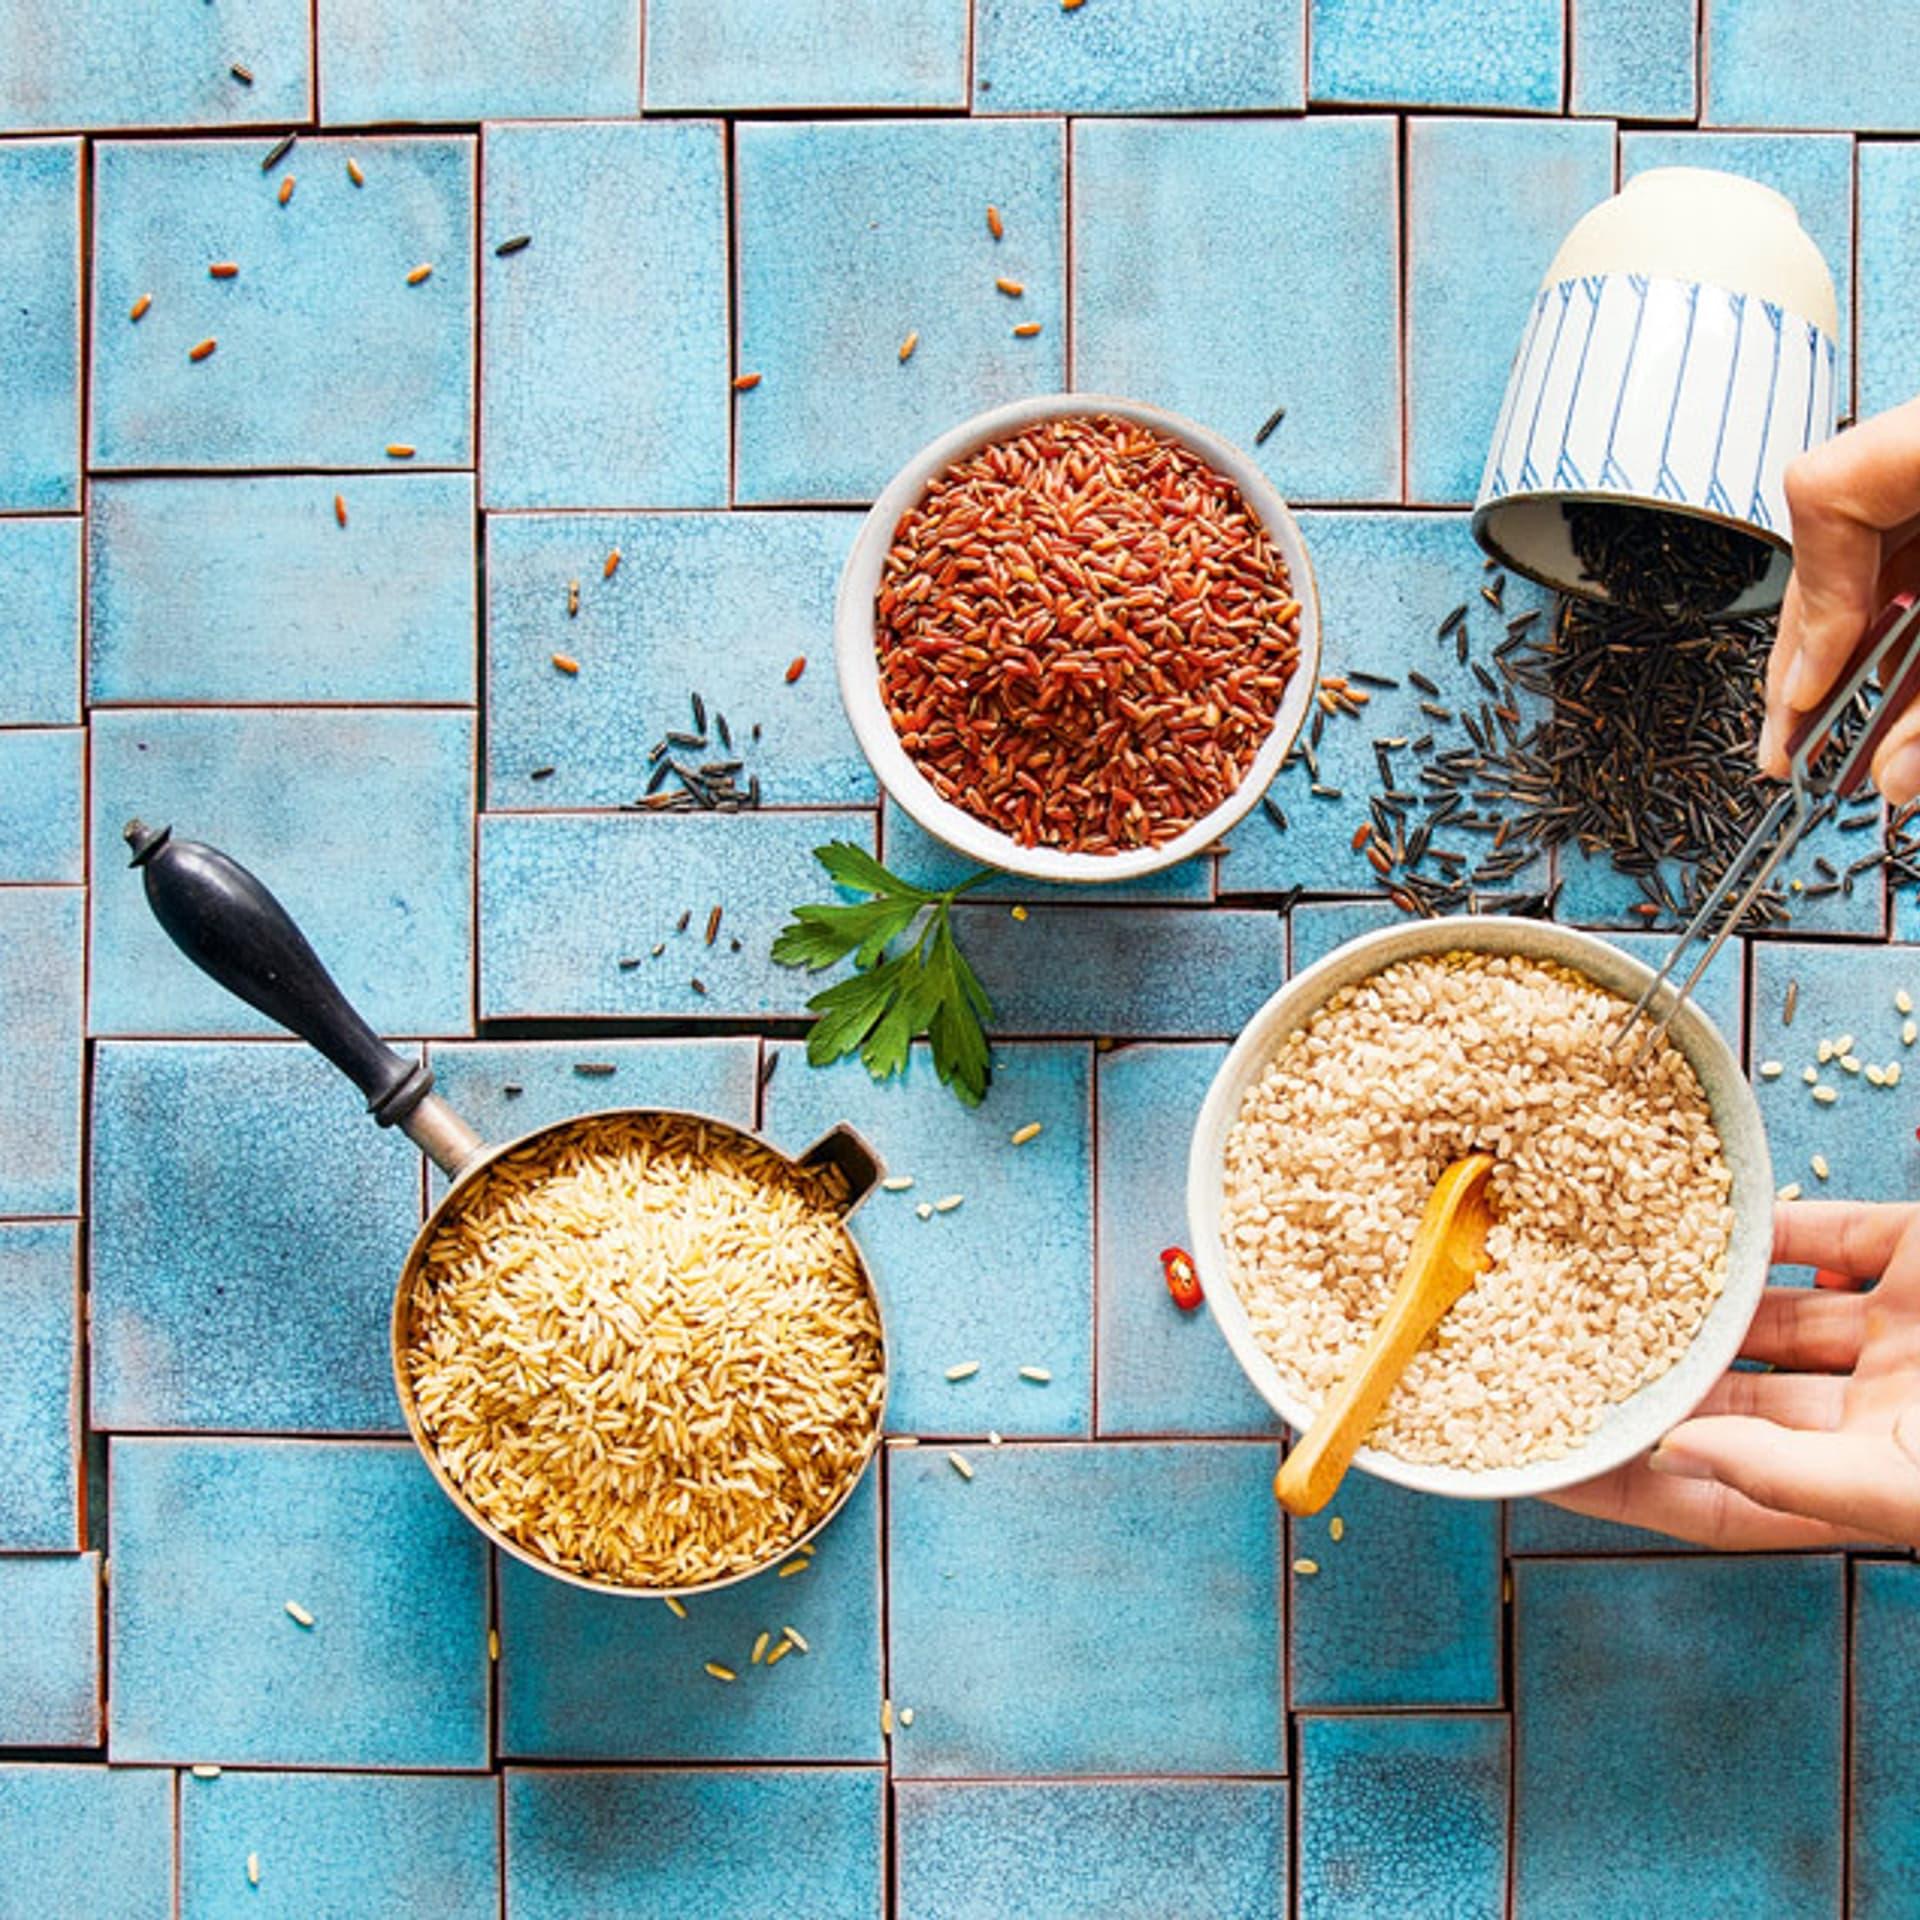 Auf türkisen Fliesen stehen drei Schüsseln mit Reis in verschiedenen Farben: beige, braun und dunkelbraun. Von rechts berührt eine Hand eine der Schüsseln.